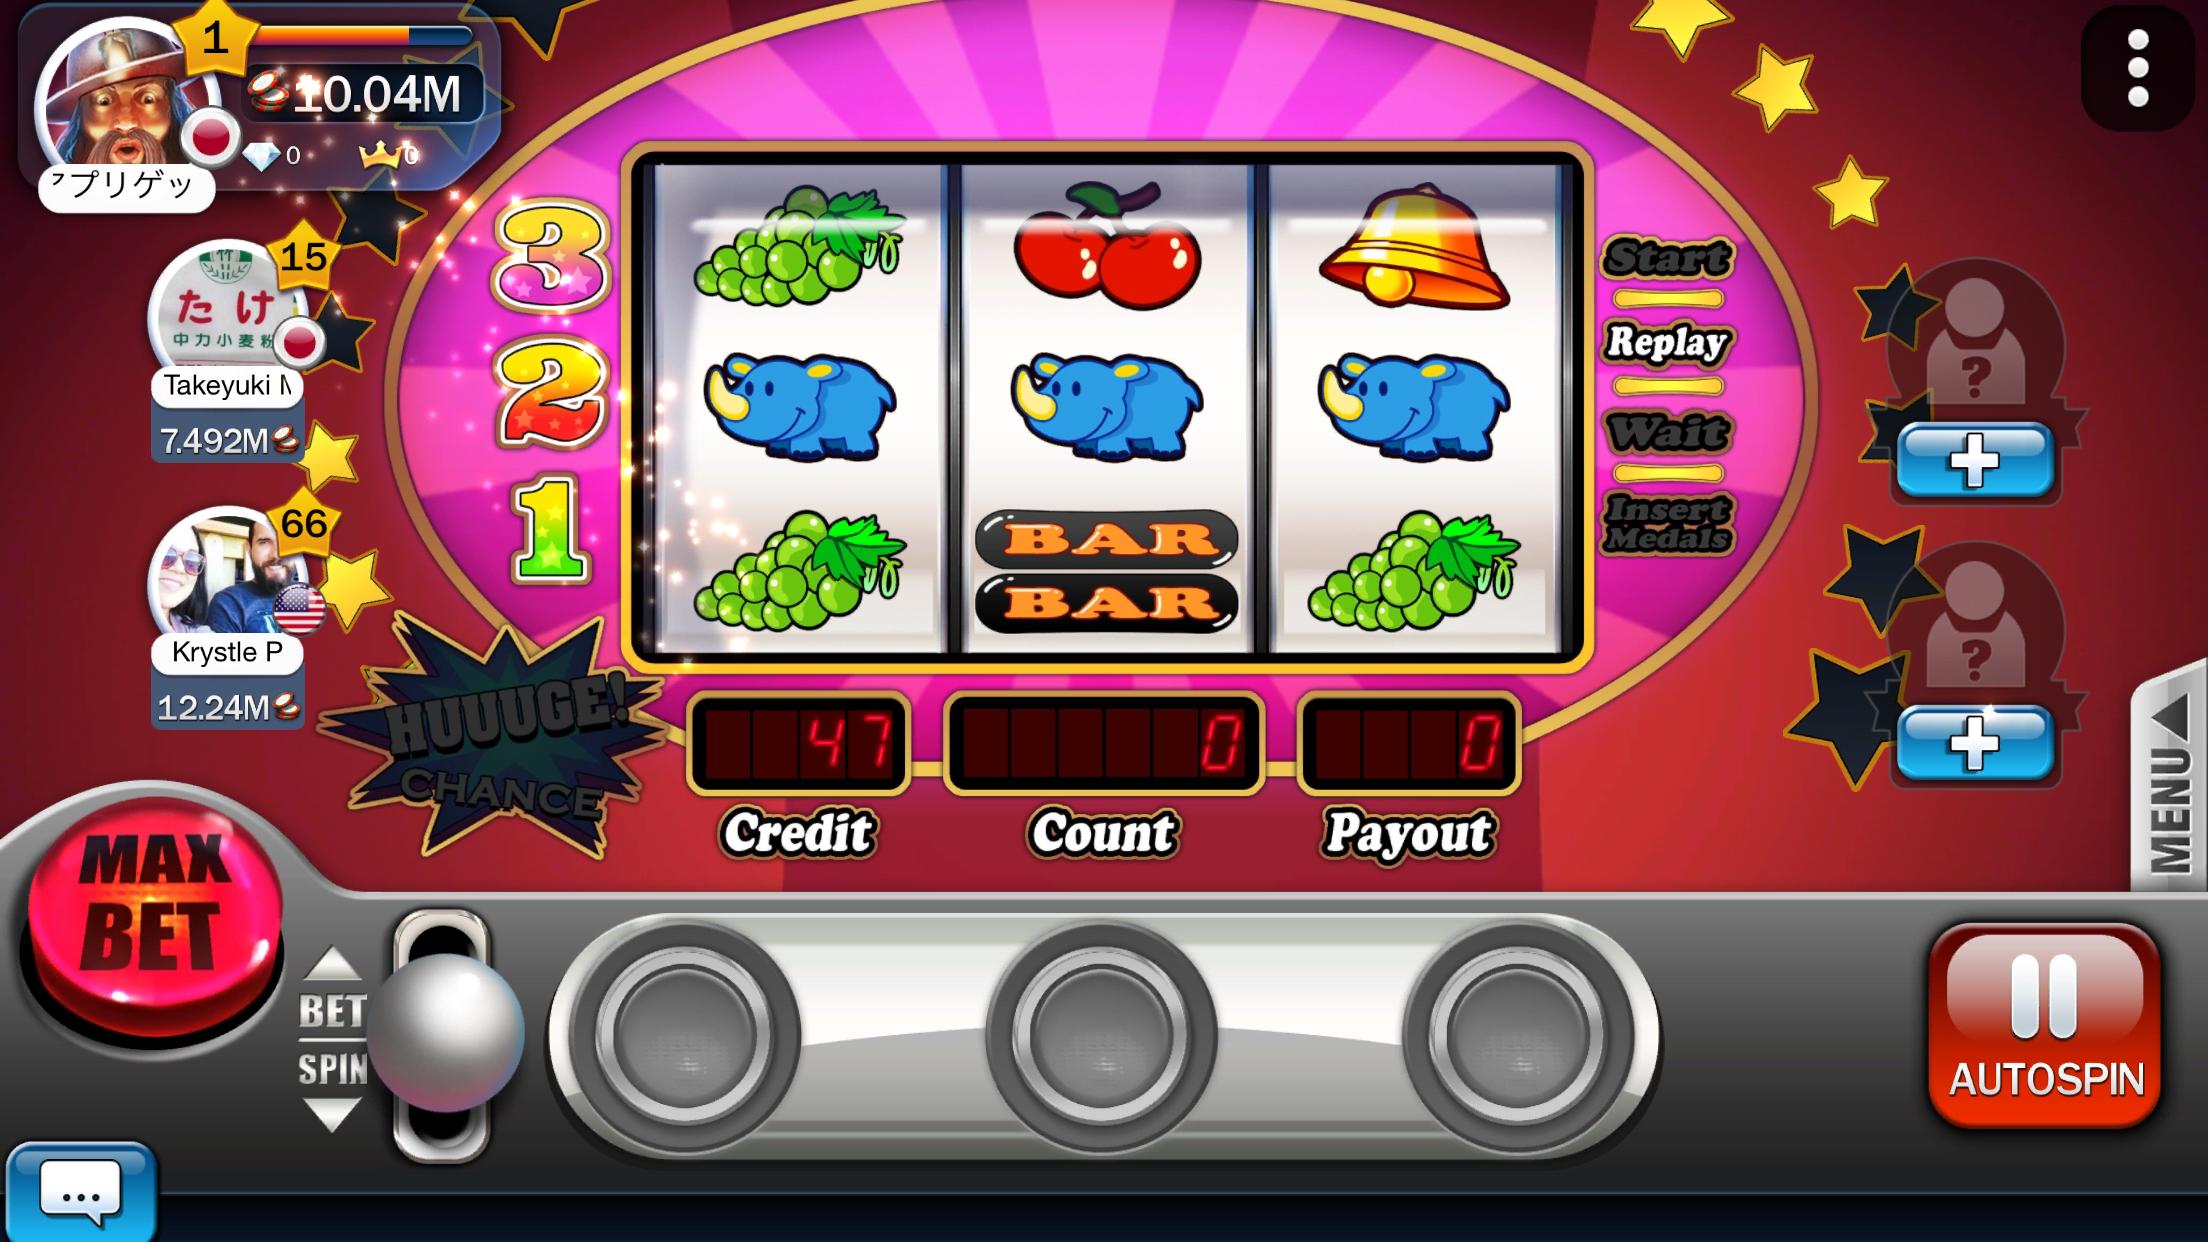 オンラインカジノ&スロット(パチスロ) ~Huuuge Casino androidアプリスクリーンショット1